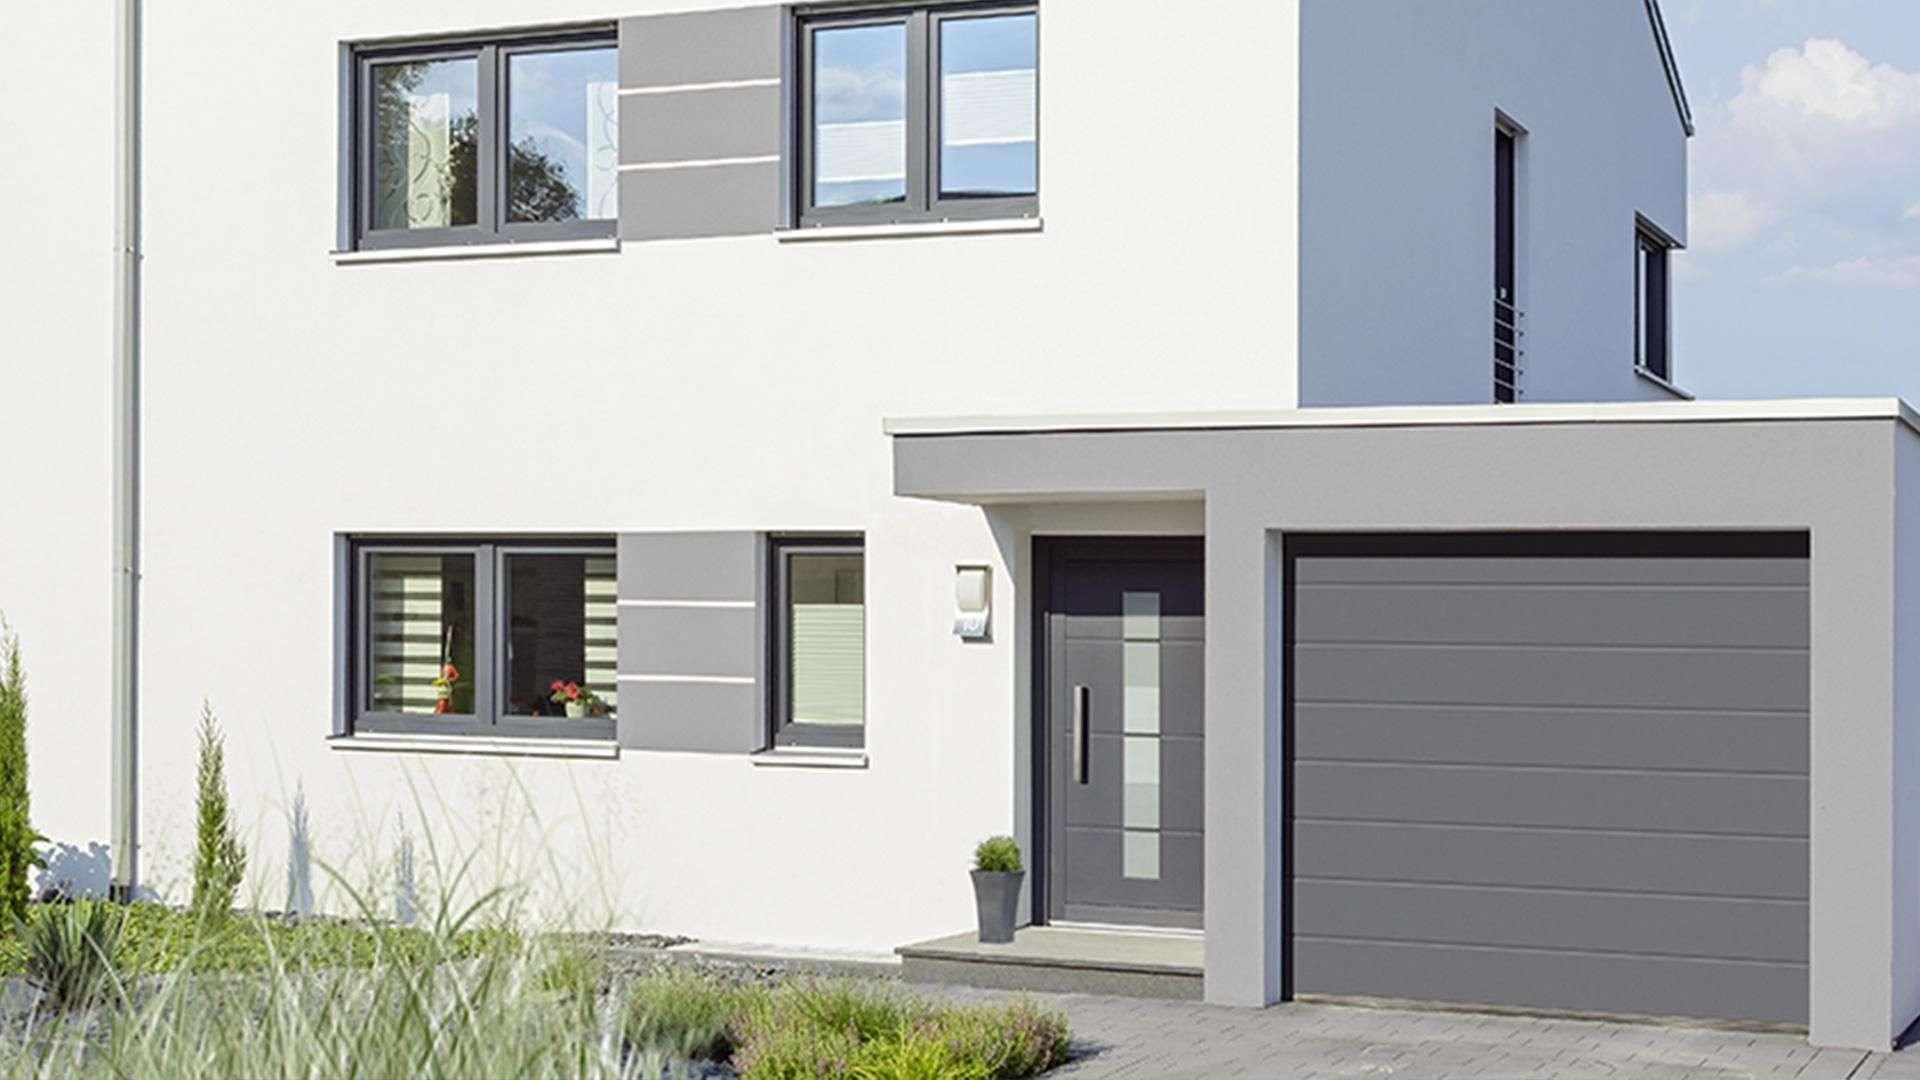 modernes weißes Haus mit grauer Haustür und Garagentor